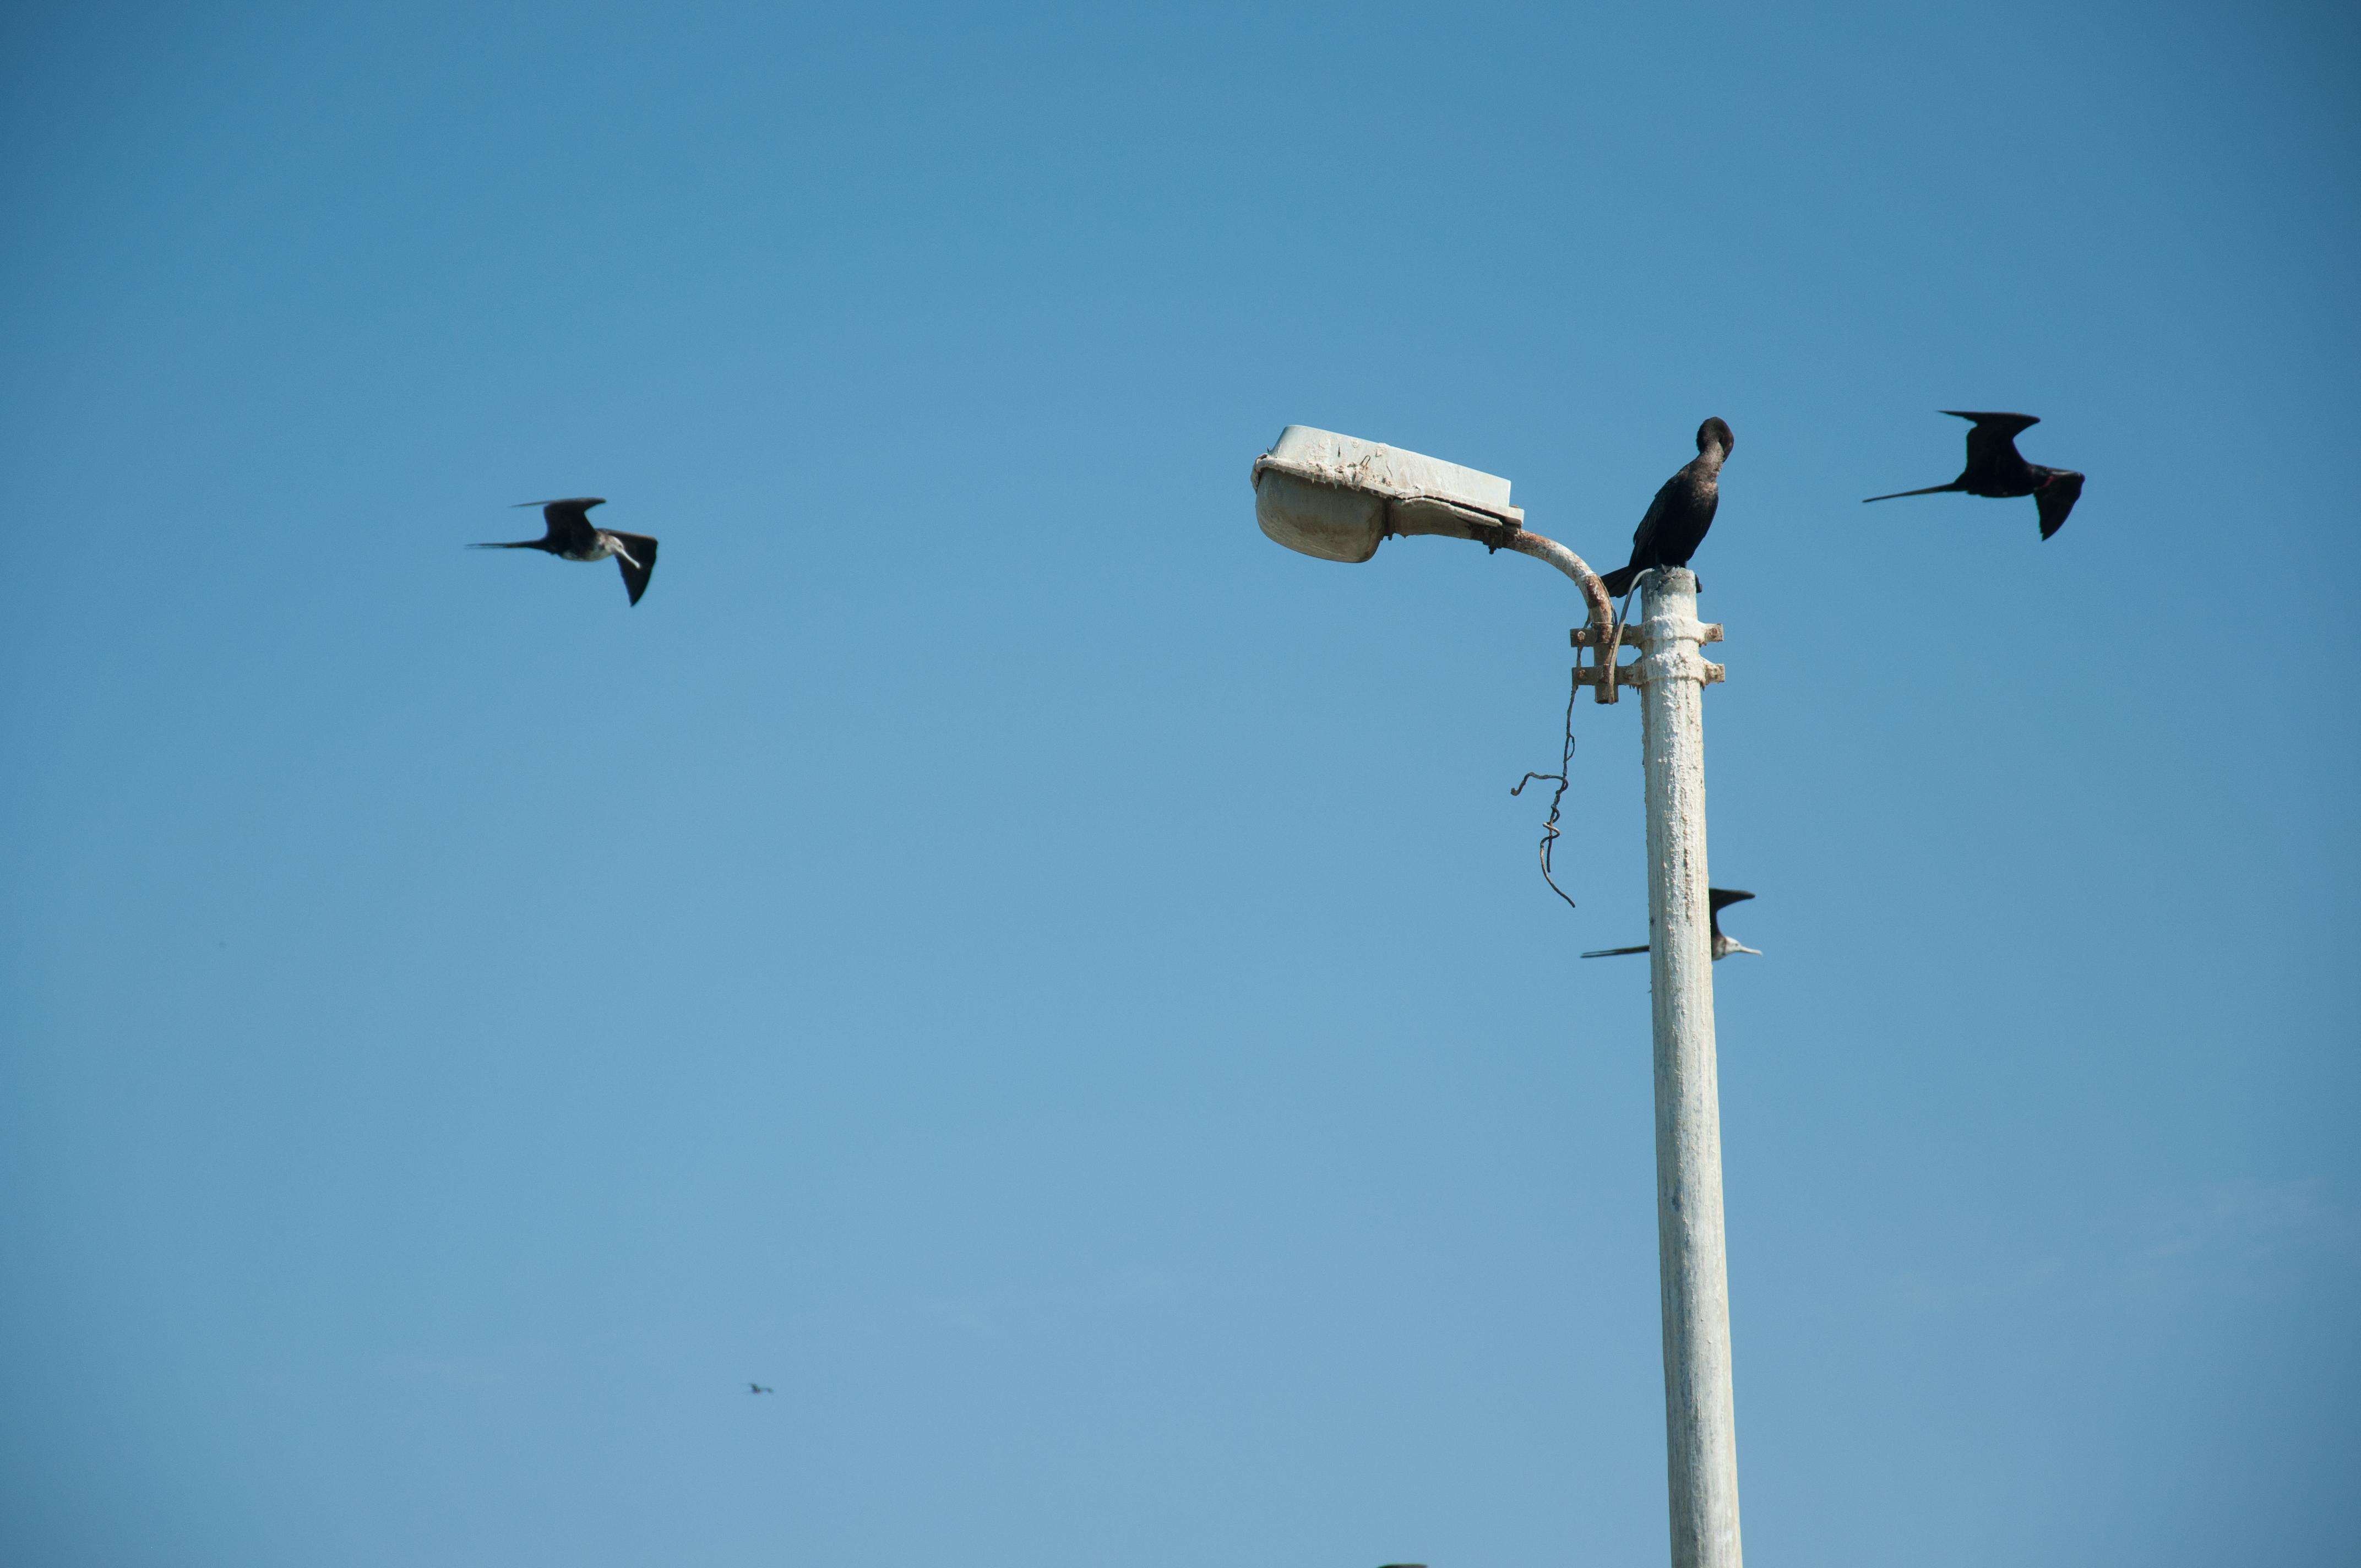 Vögel auf der Laterne